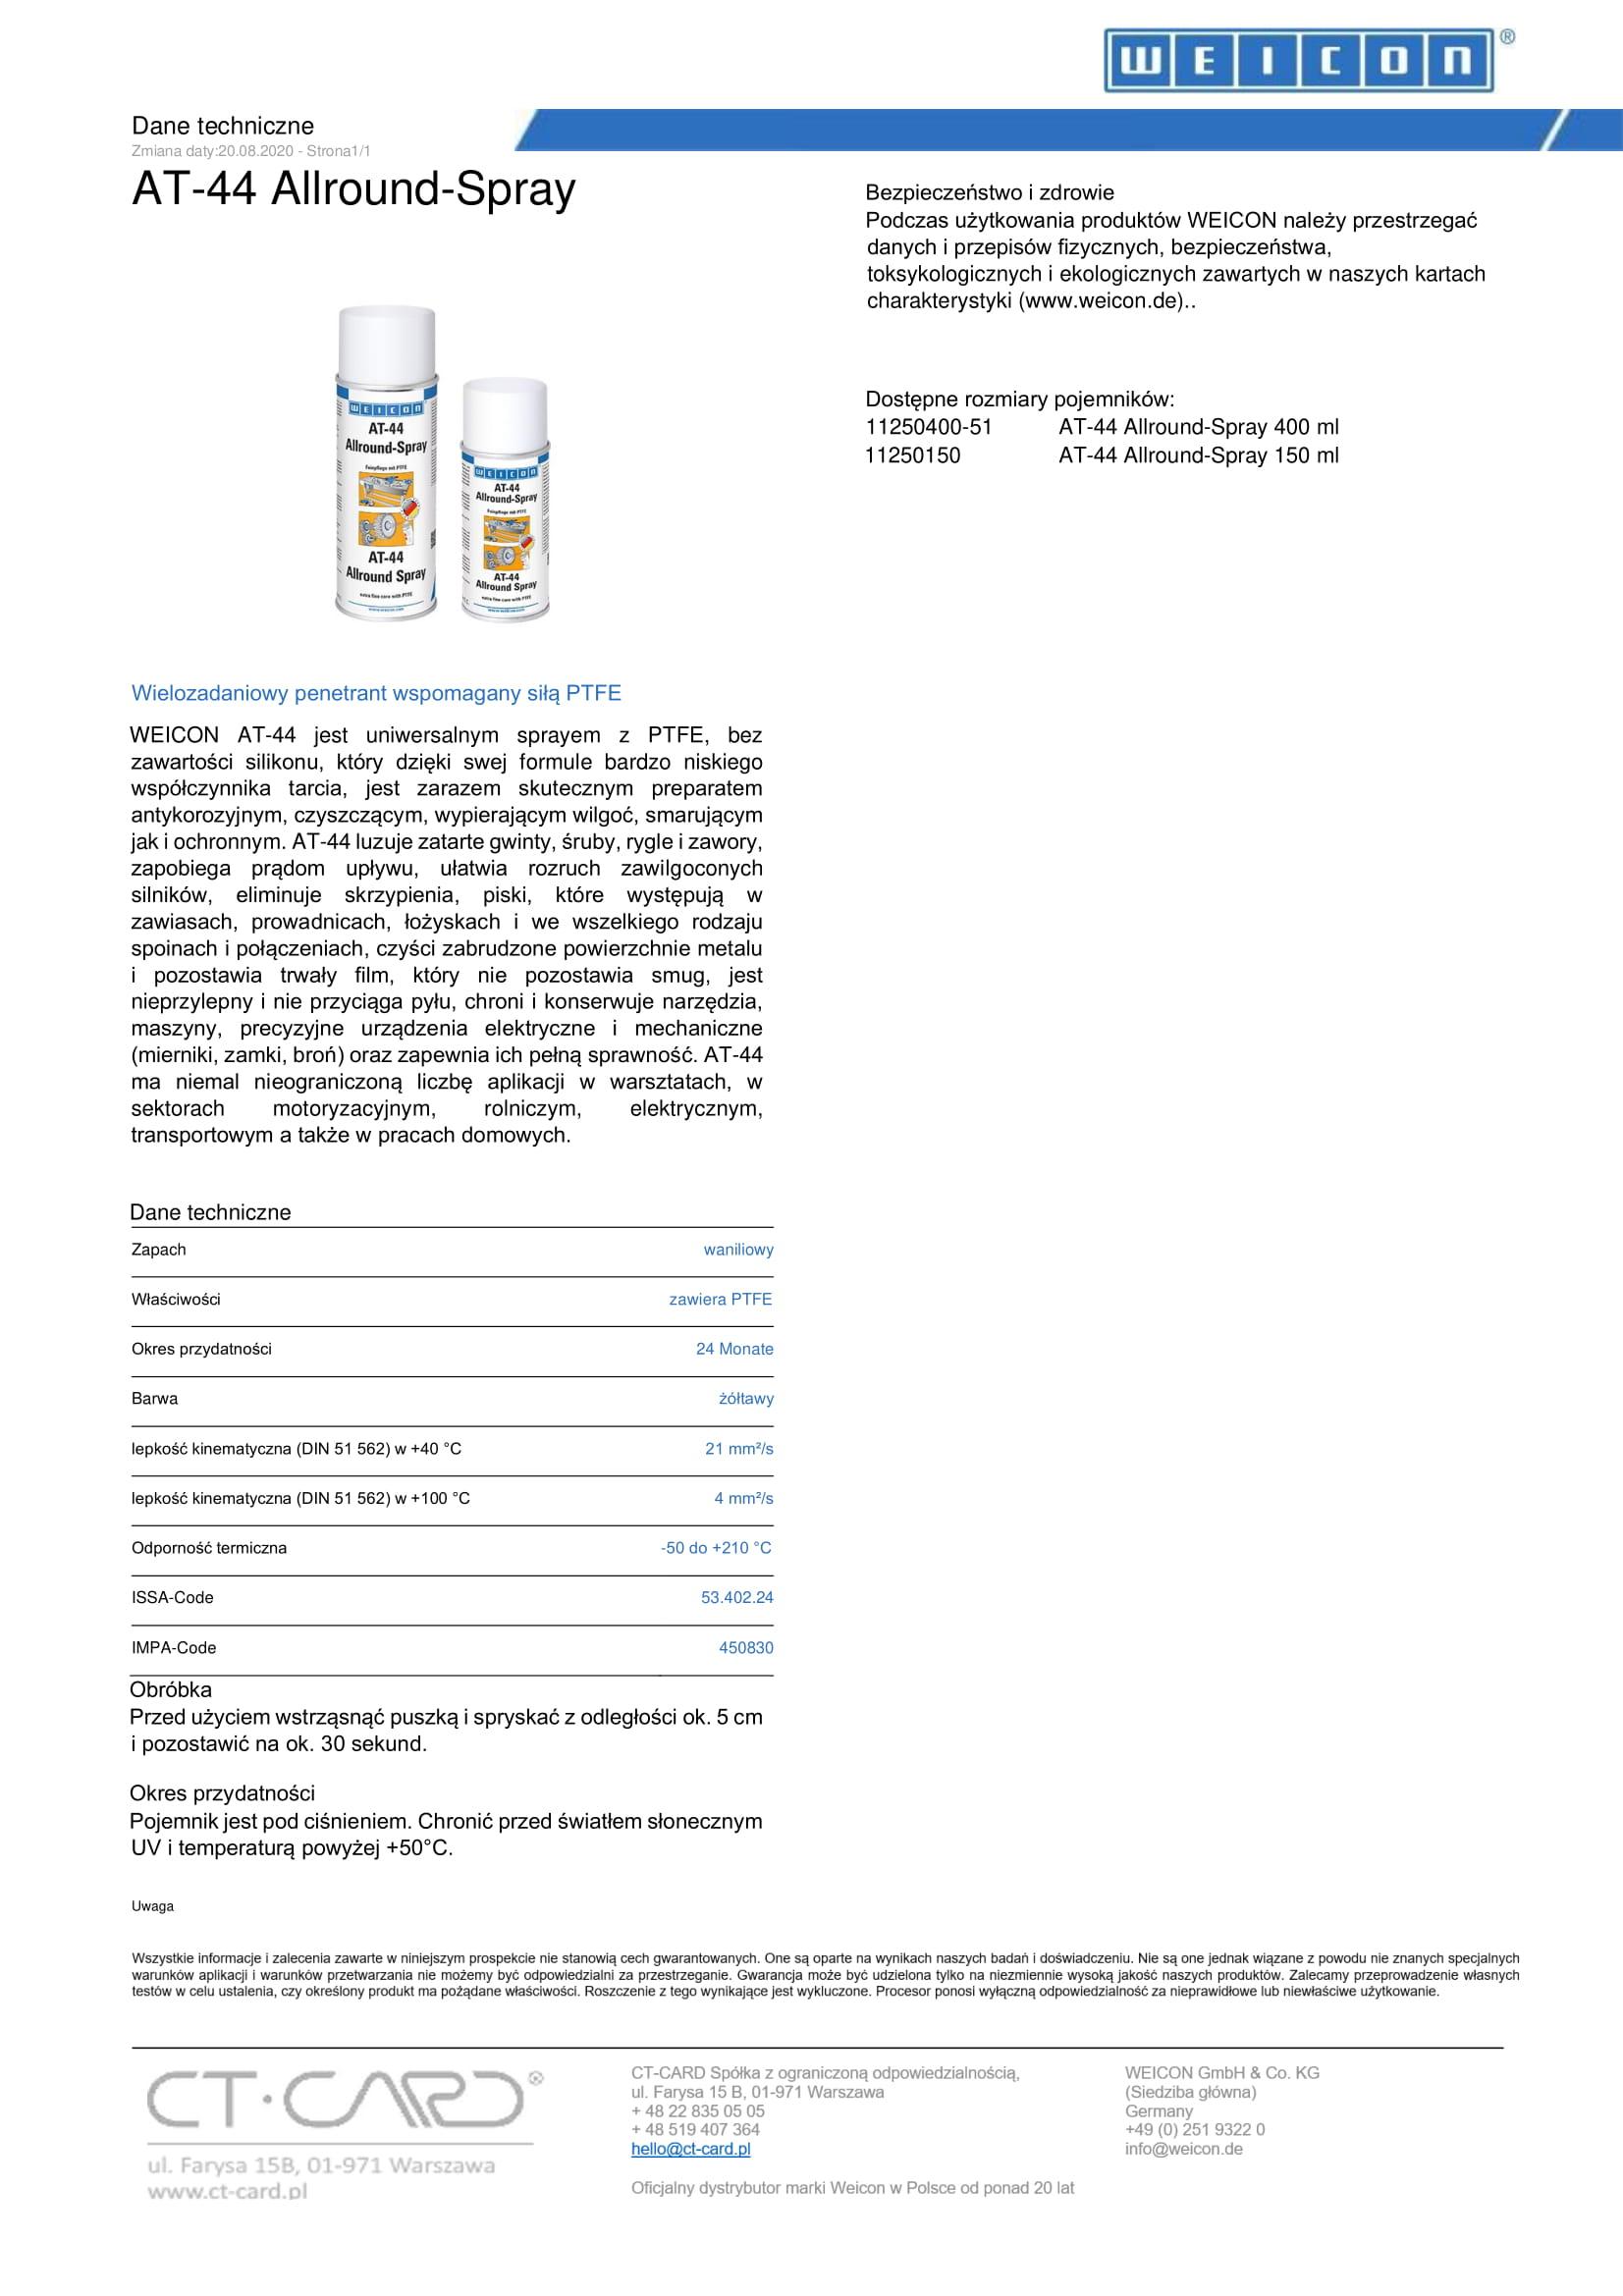 TDS_11250400_PL_AT-44_Allround-Spray-1